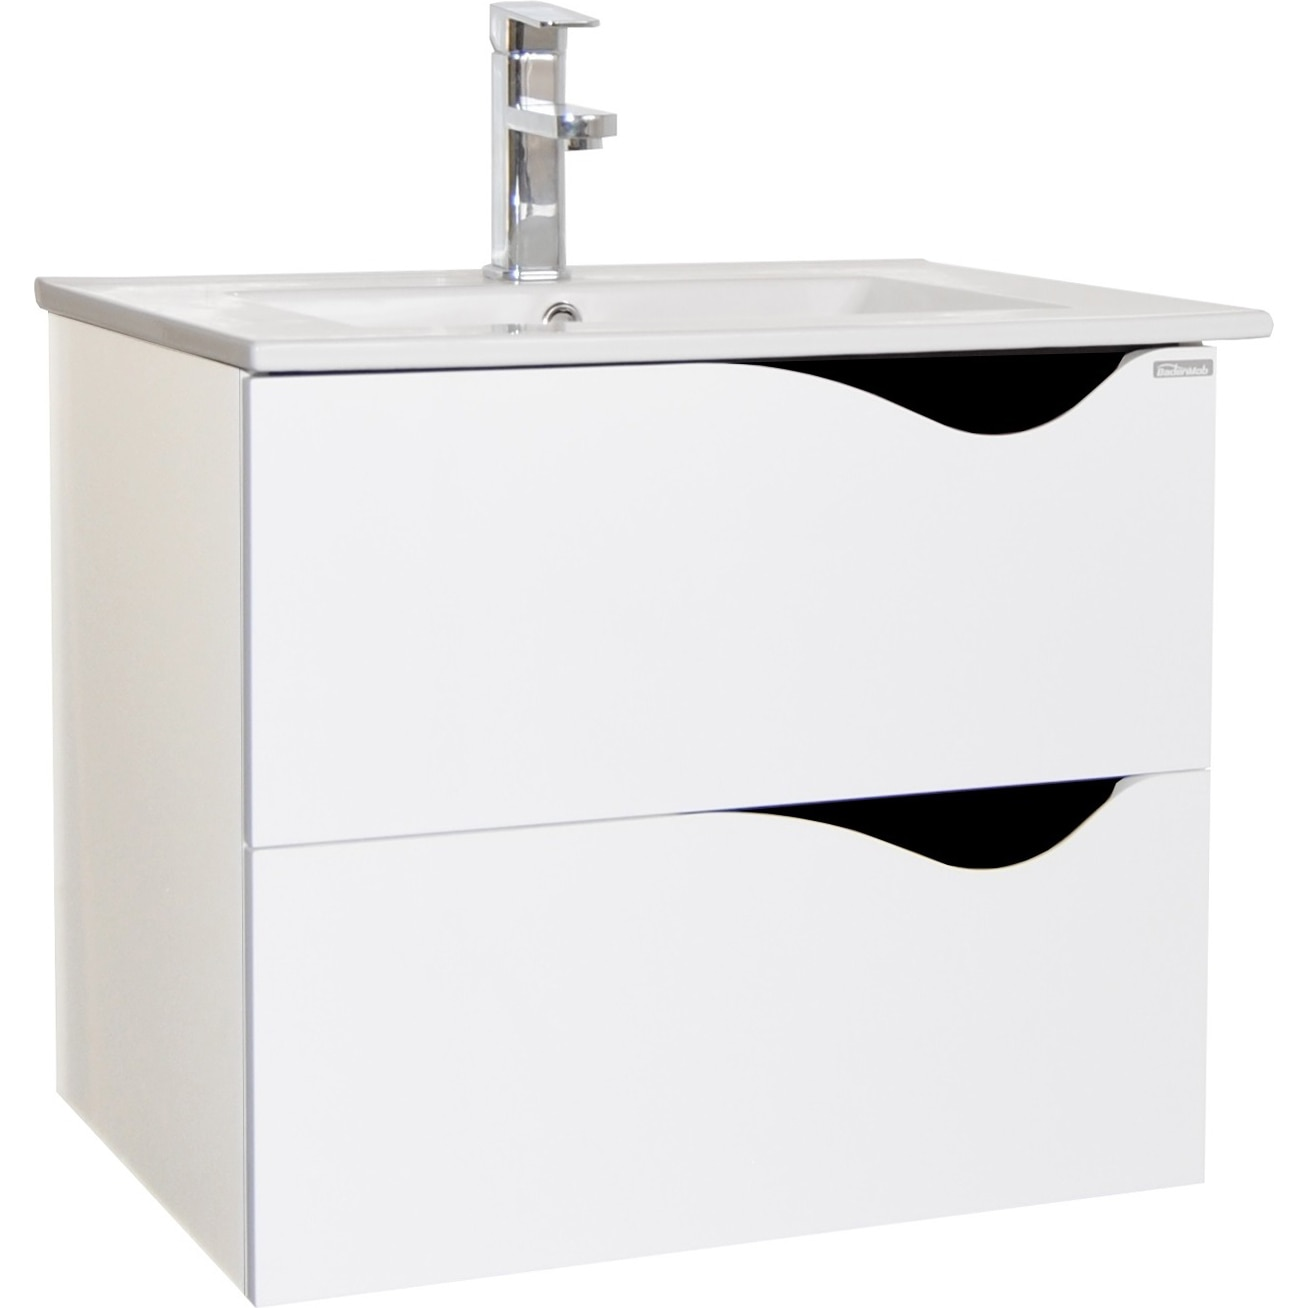 Fotografie Set baza mobilier suspendat + lavoar ceramic Badenmob Seria 097, cu sertare, 60 cm, Alb